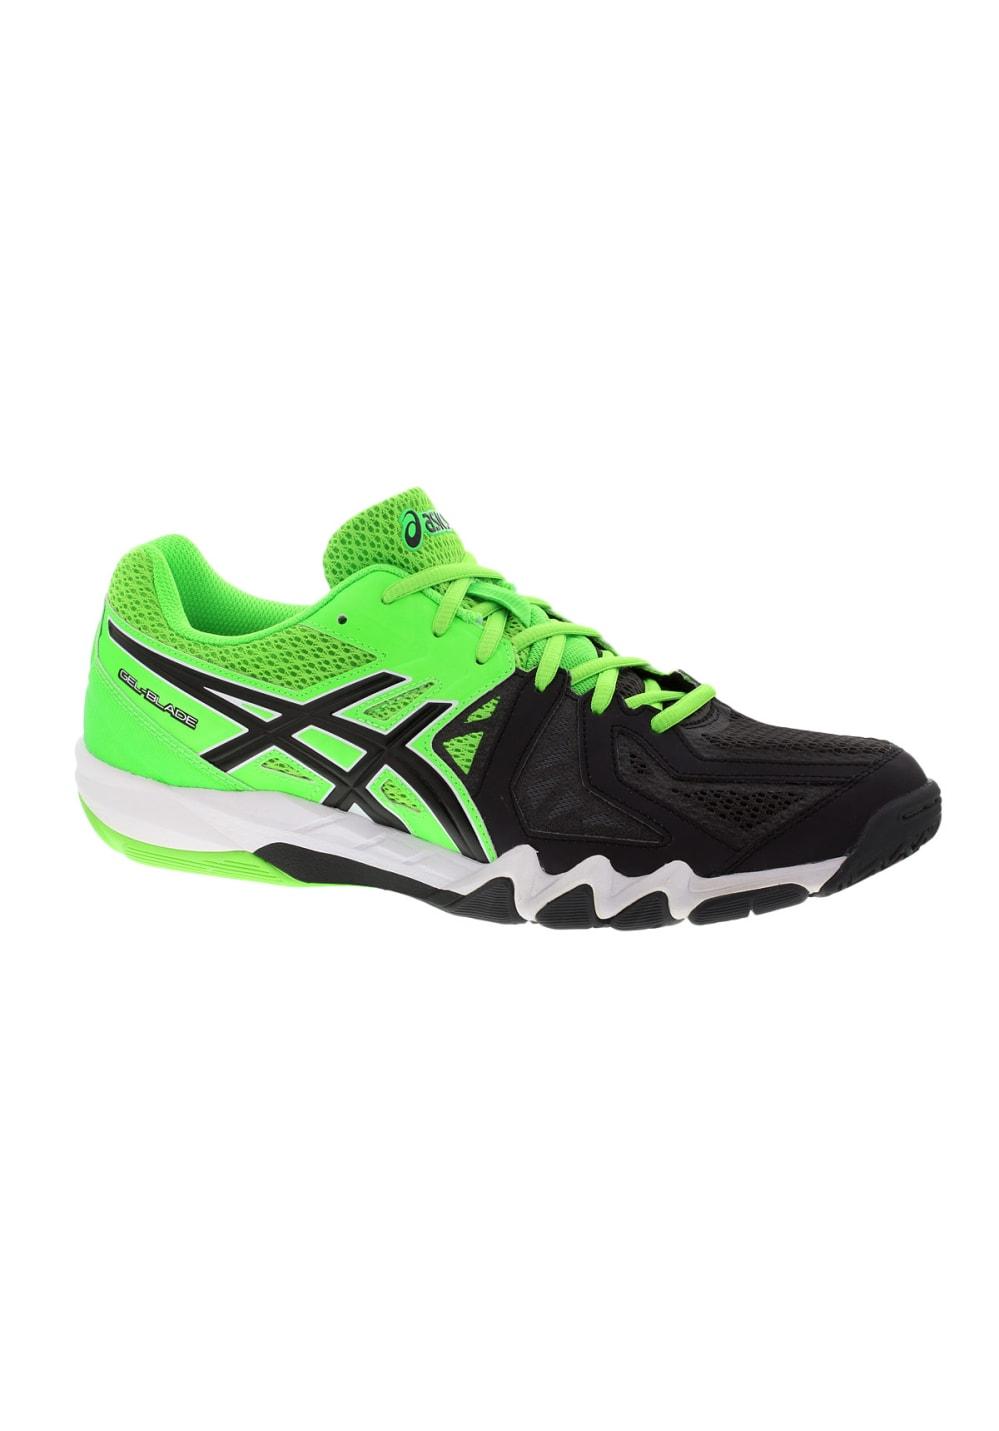 Noir21run Gel En Pour 5 Chaussures Asics Salle Sports Homme Blade T1JK3uFlc